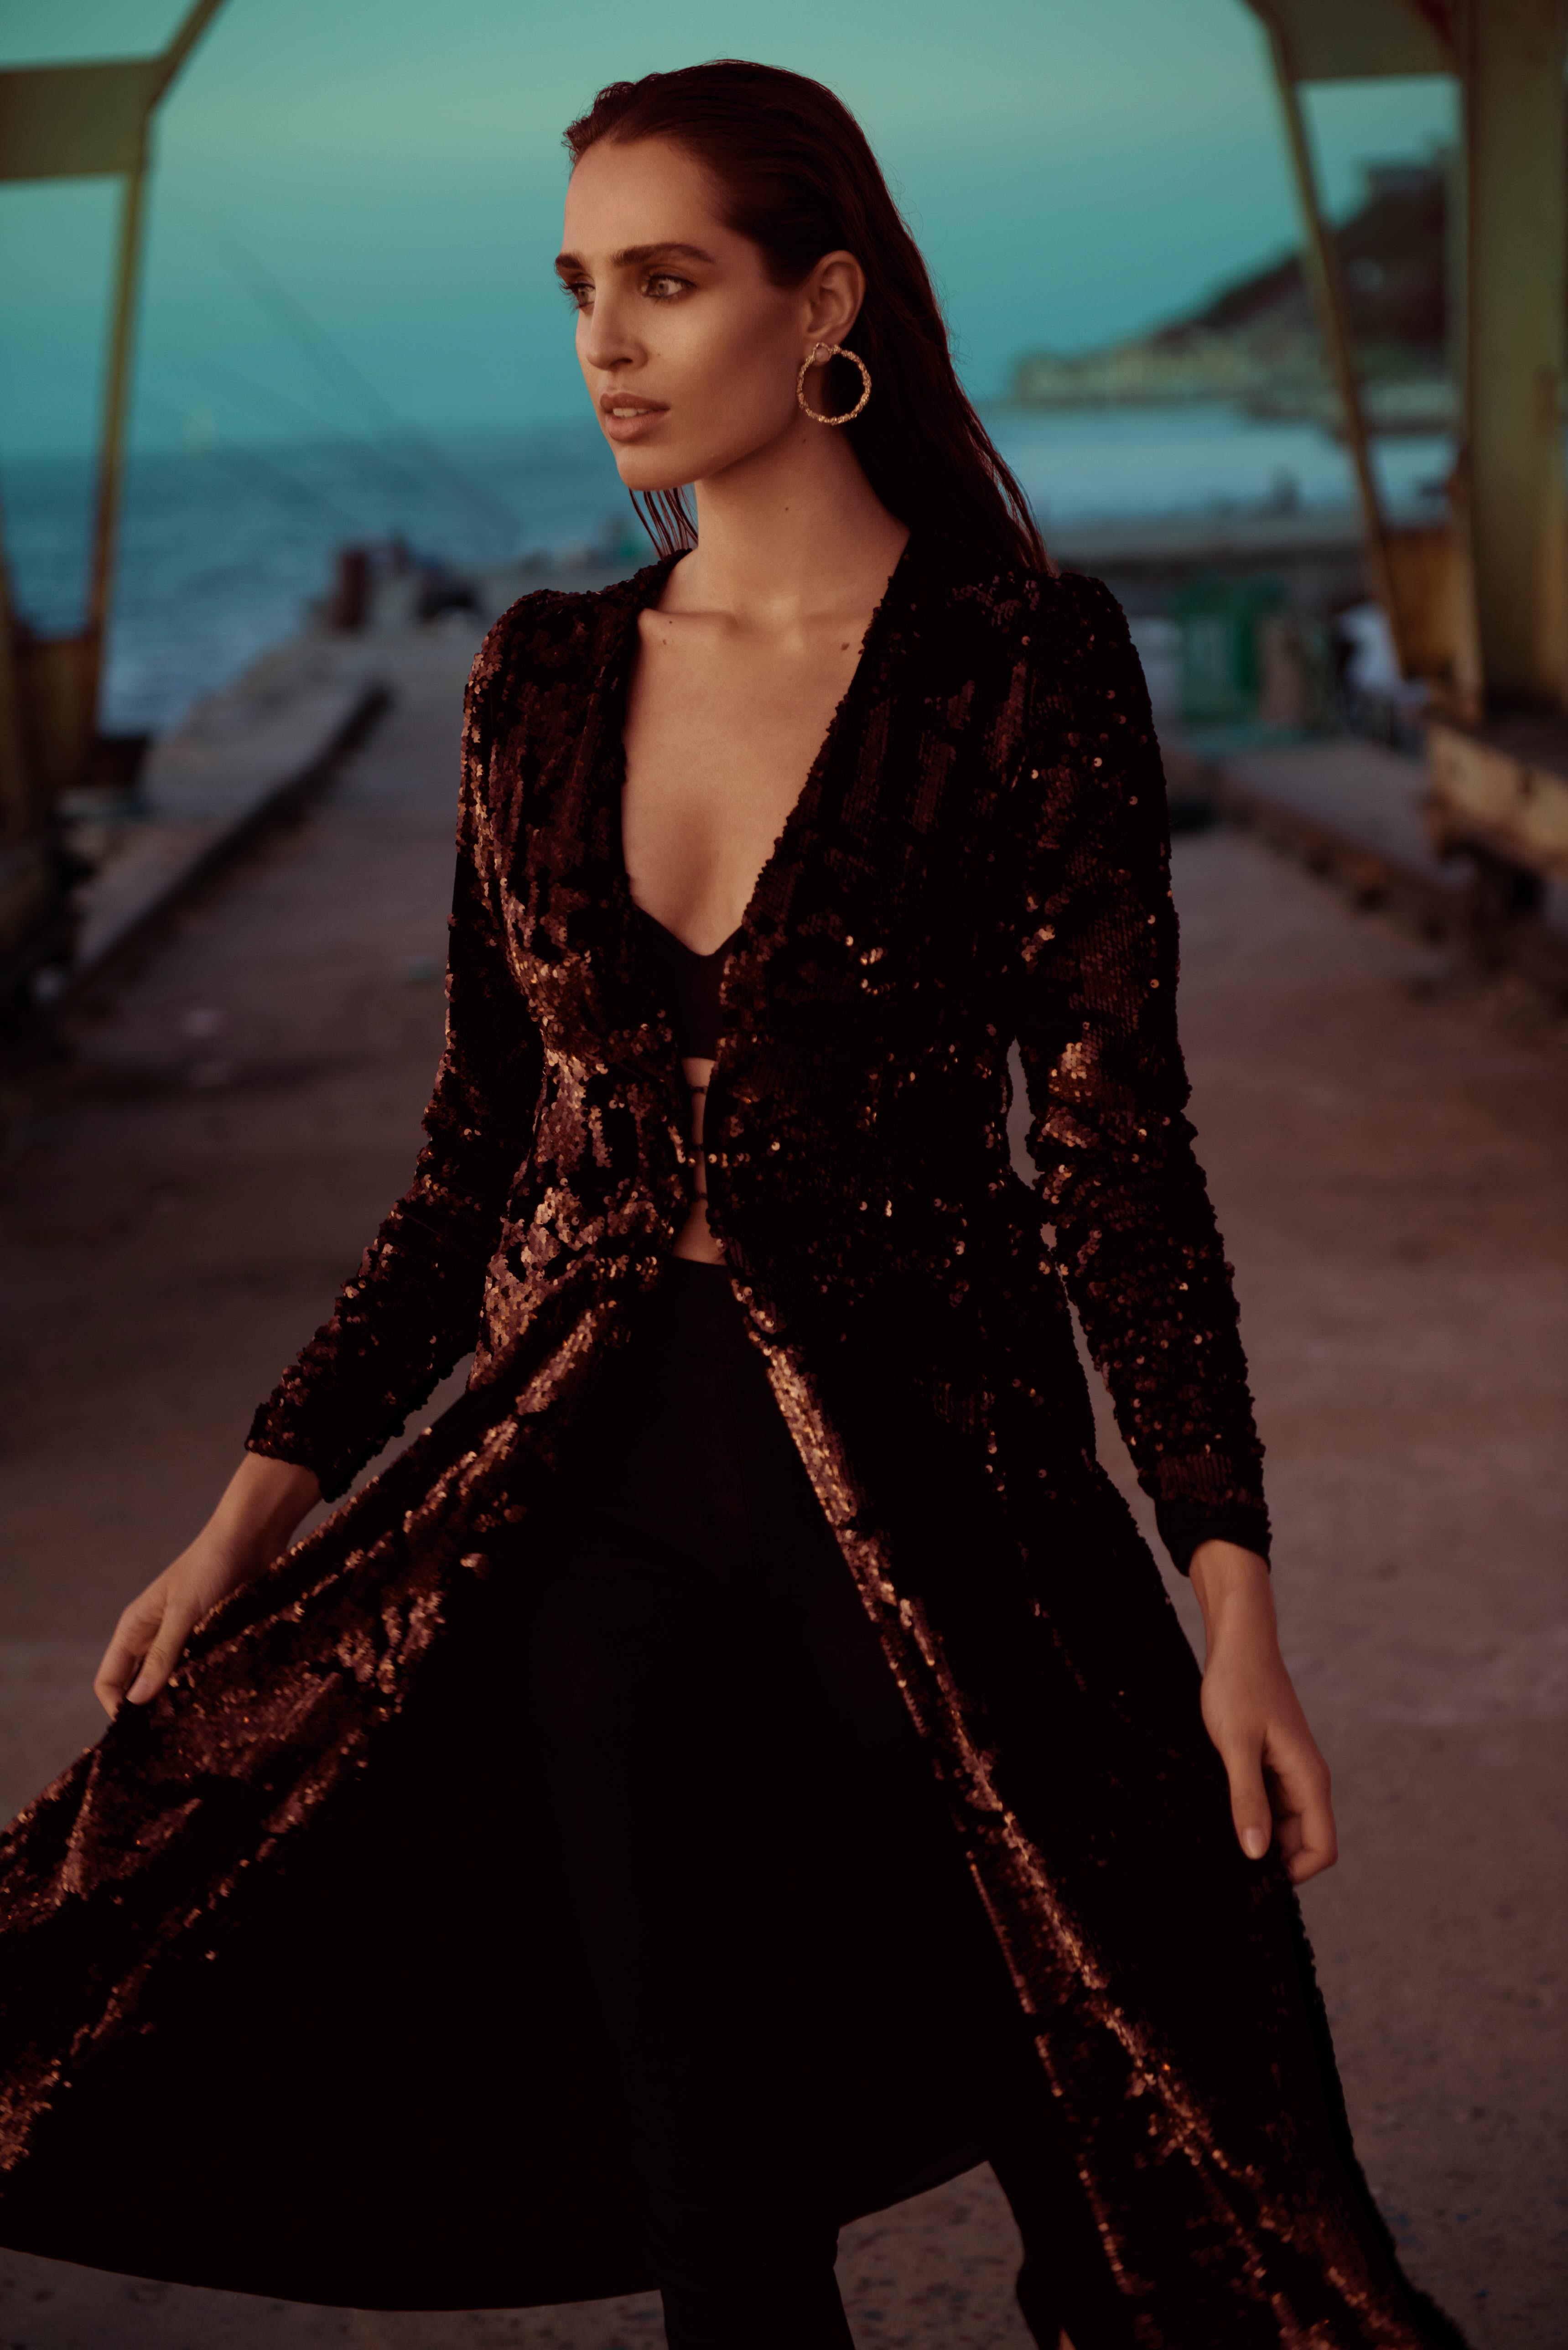 Ana Ventura 27